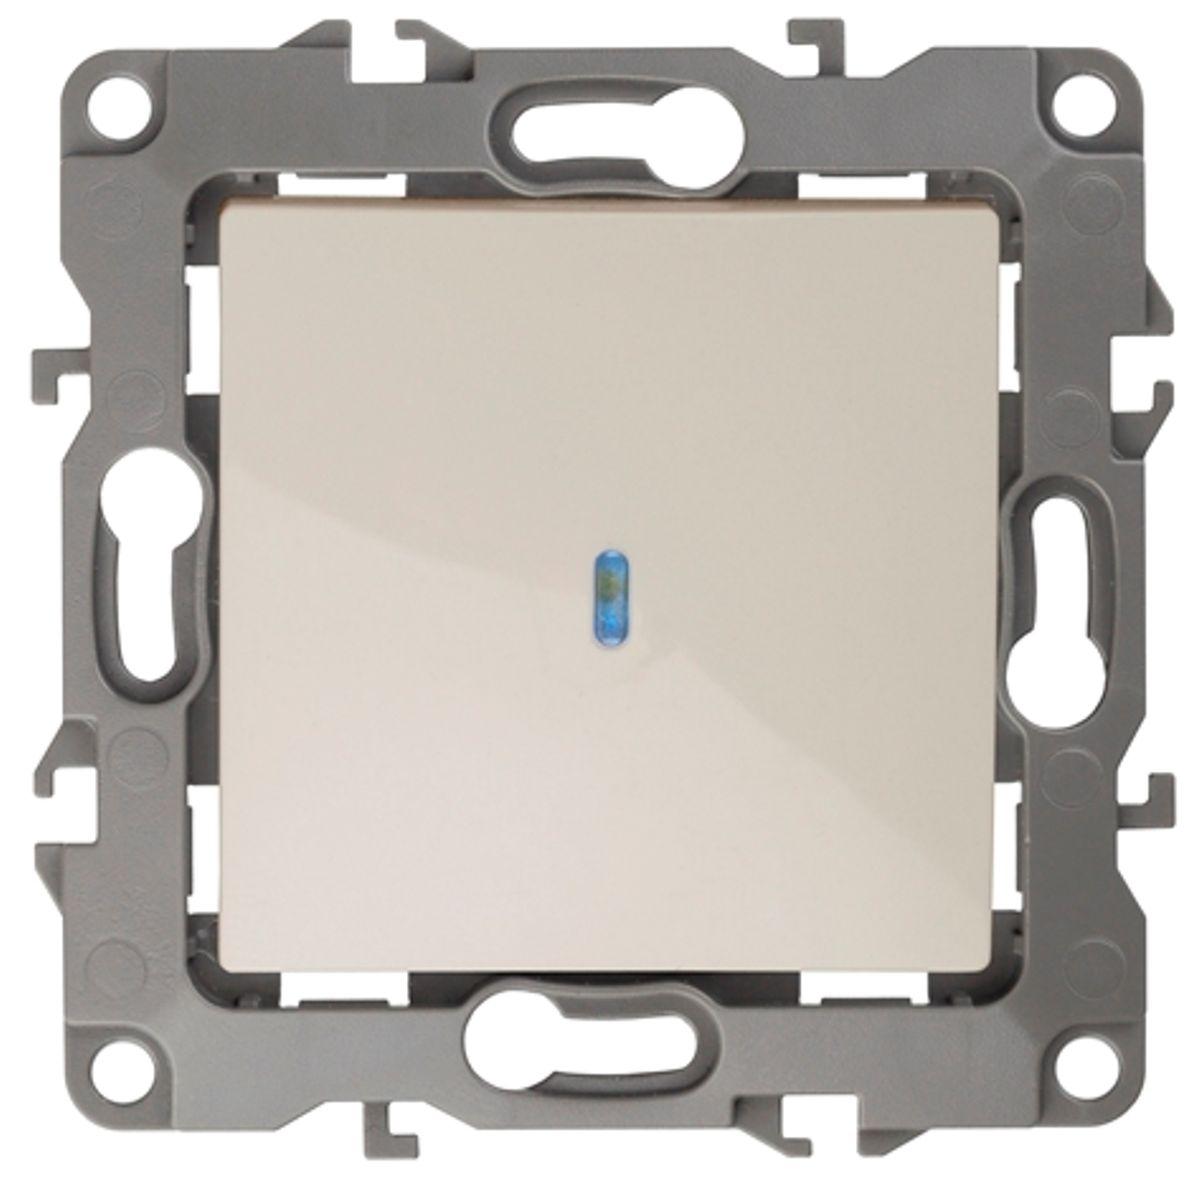 """Выключатель """"ЭРА"""", с подсветкой, цвет: слоновая кость, серый. 12-1102 12-1102-02"""